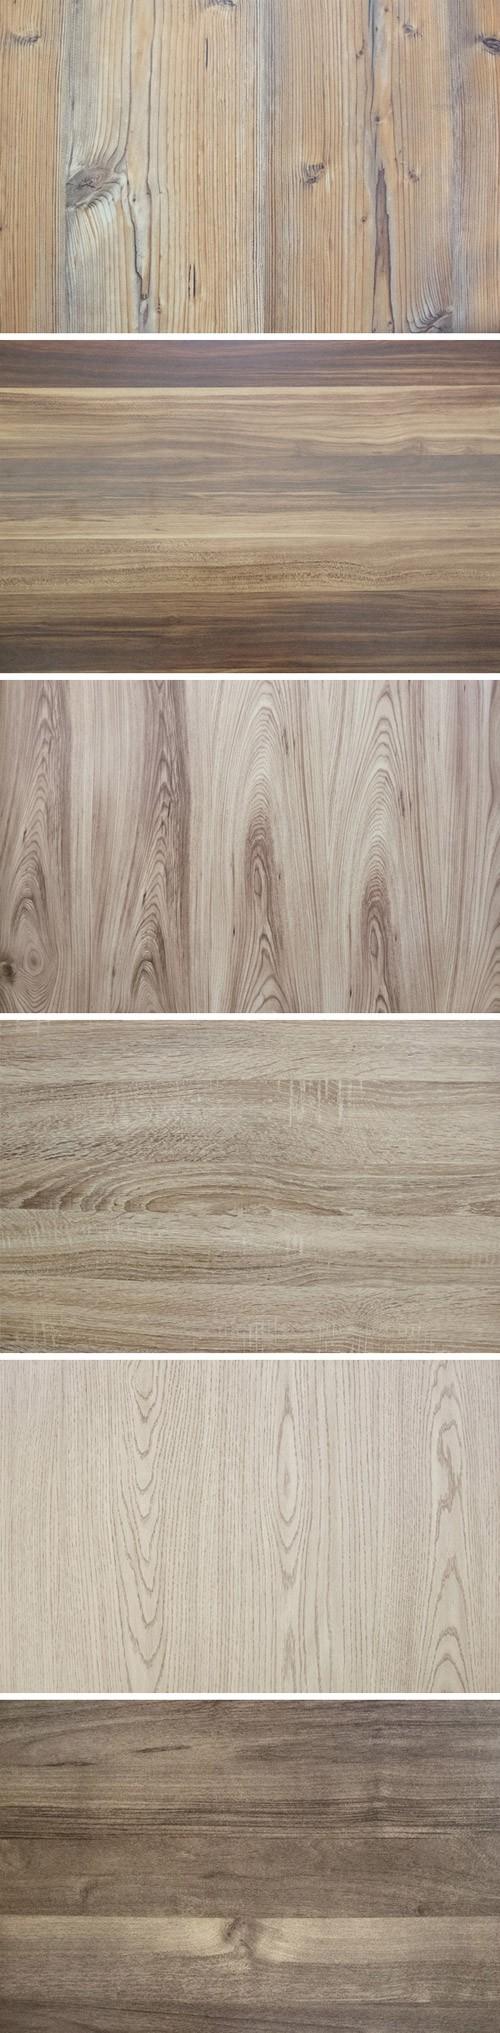 Wood-textures-600